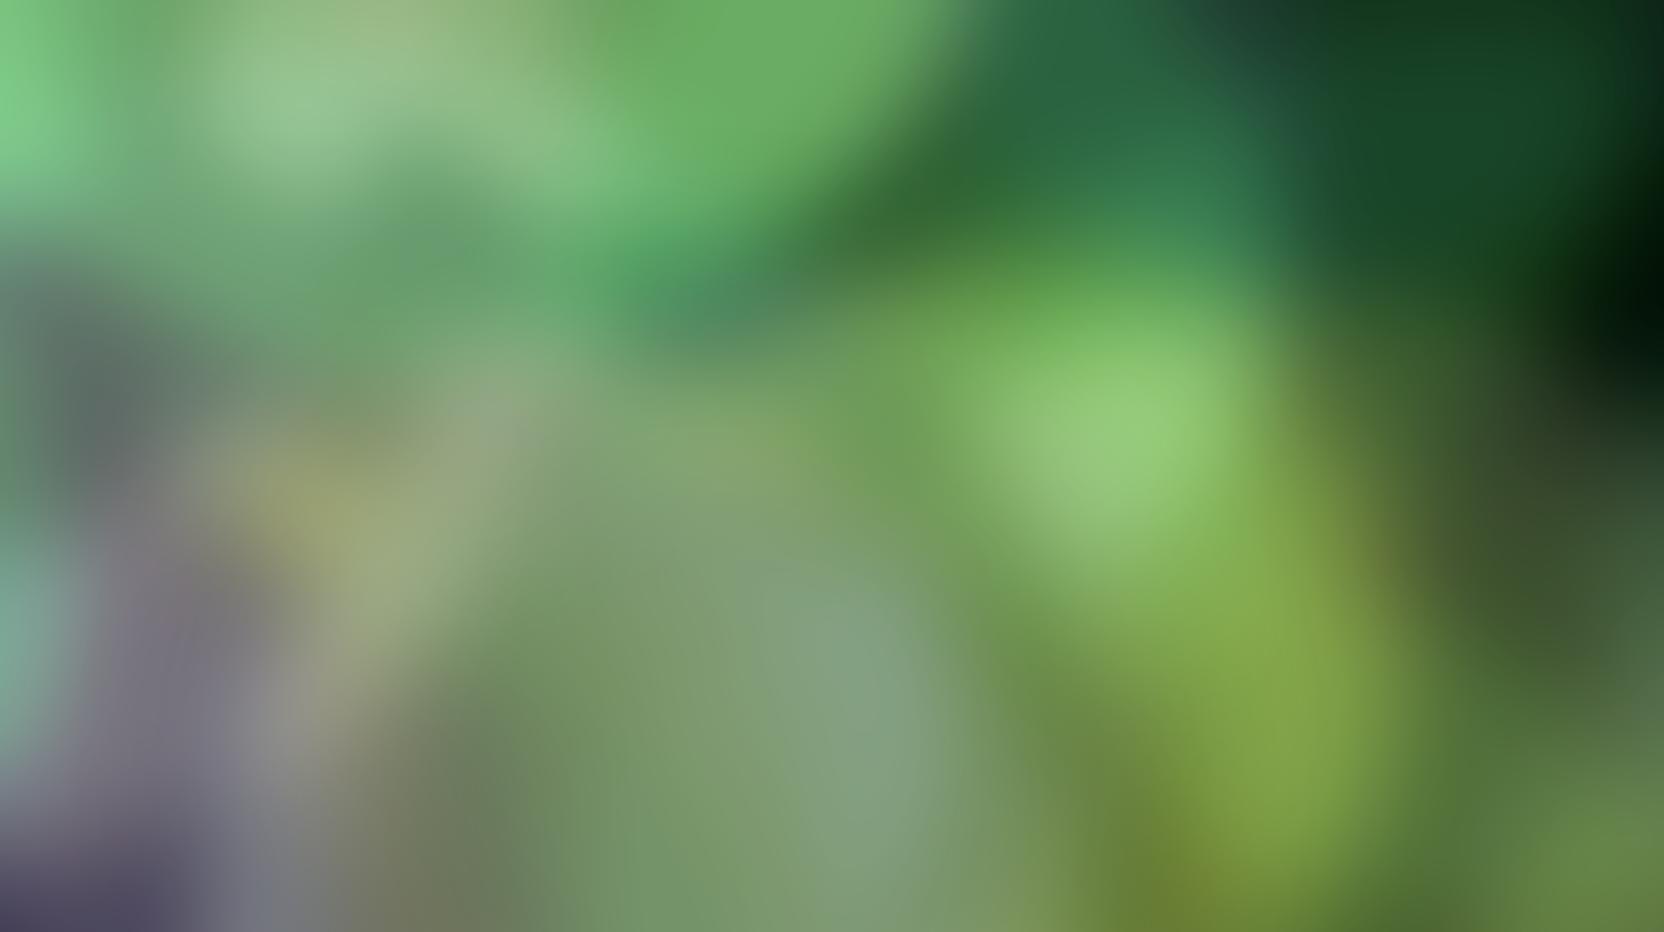 blurred-green-circles-footer - Arizona Junk Removal